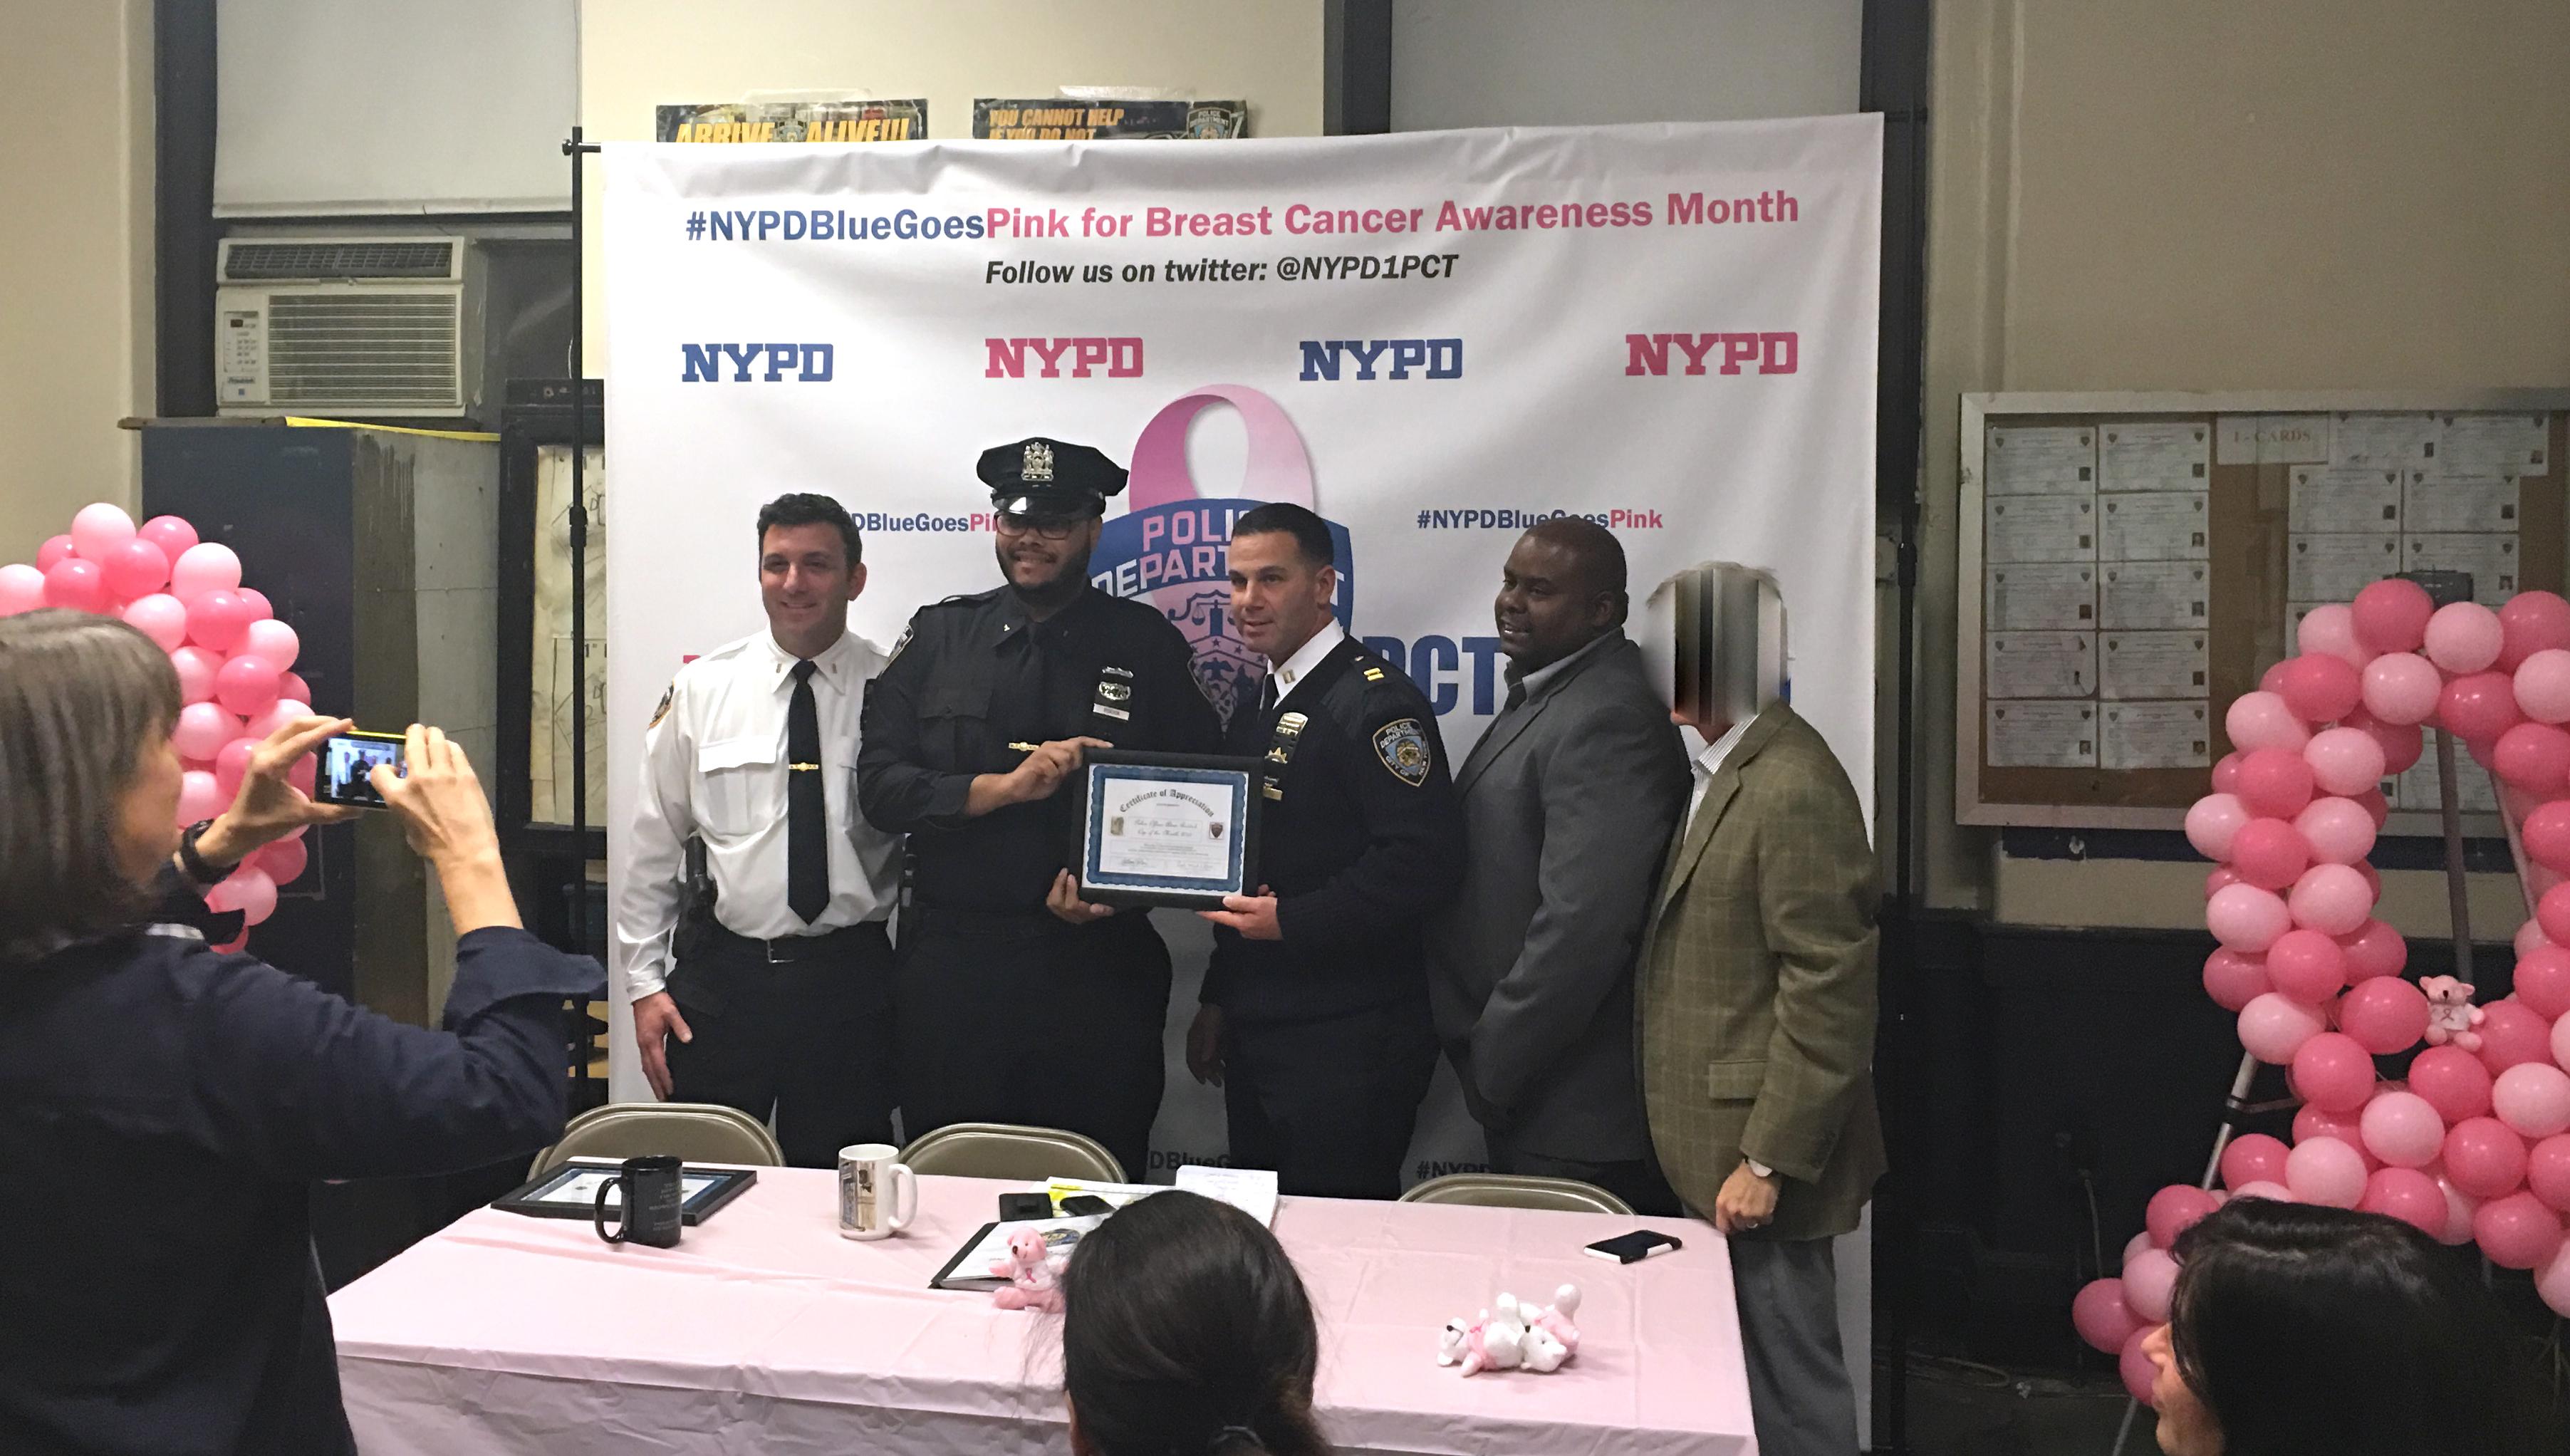 Officer Riddick NYPD award